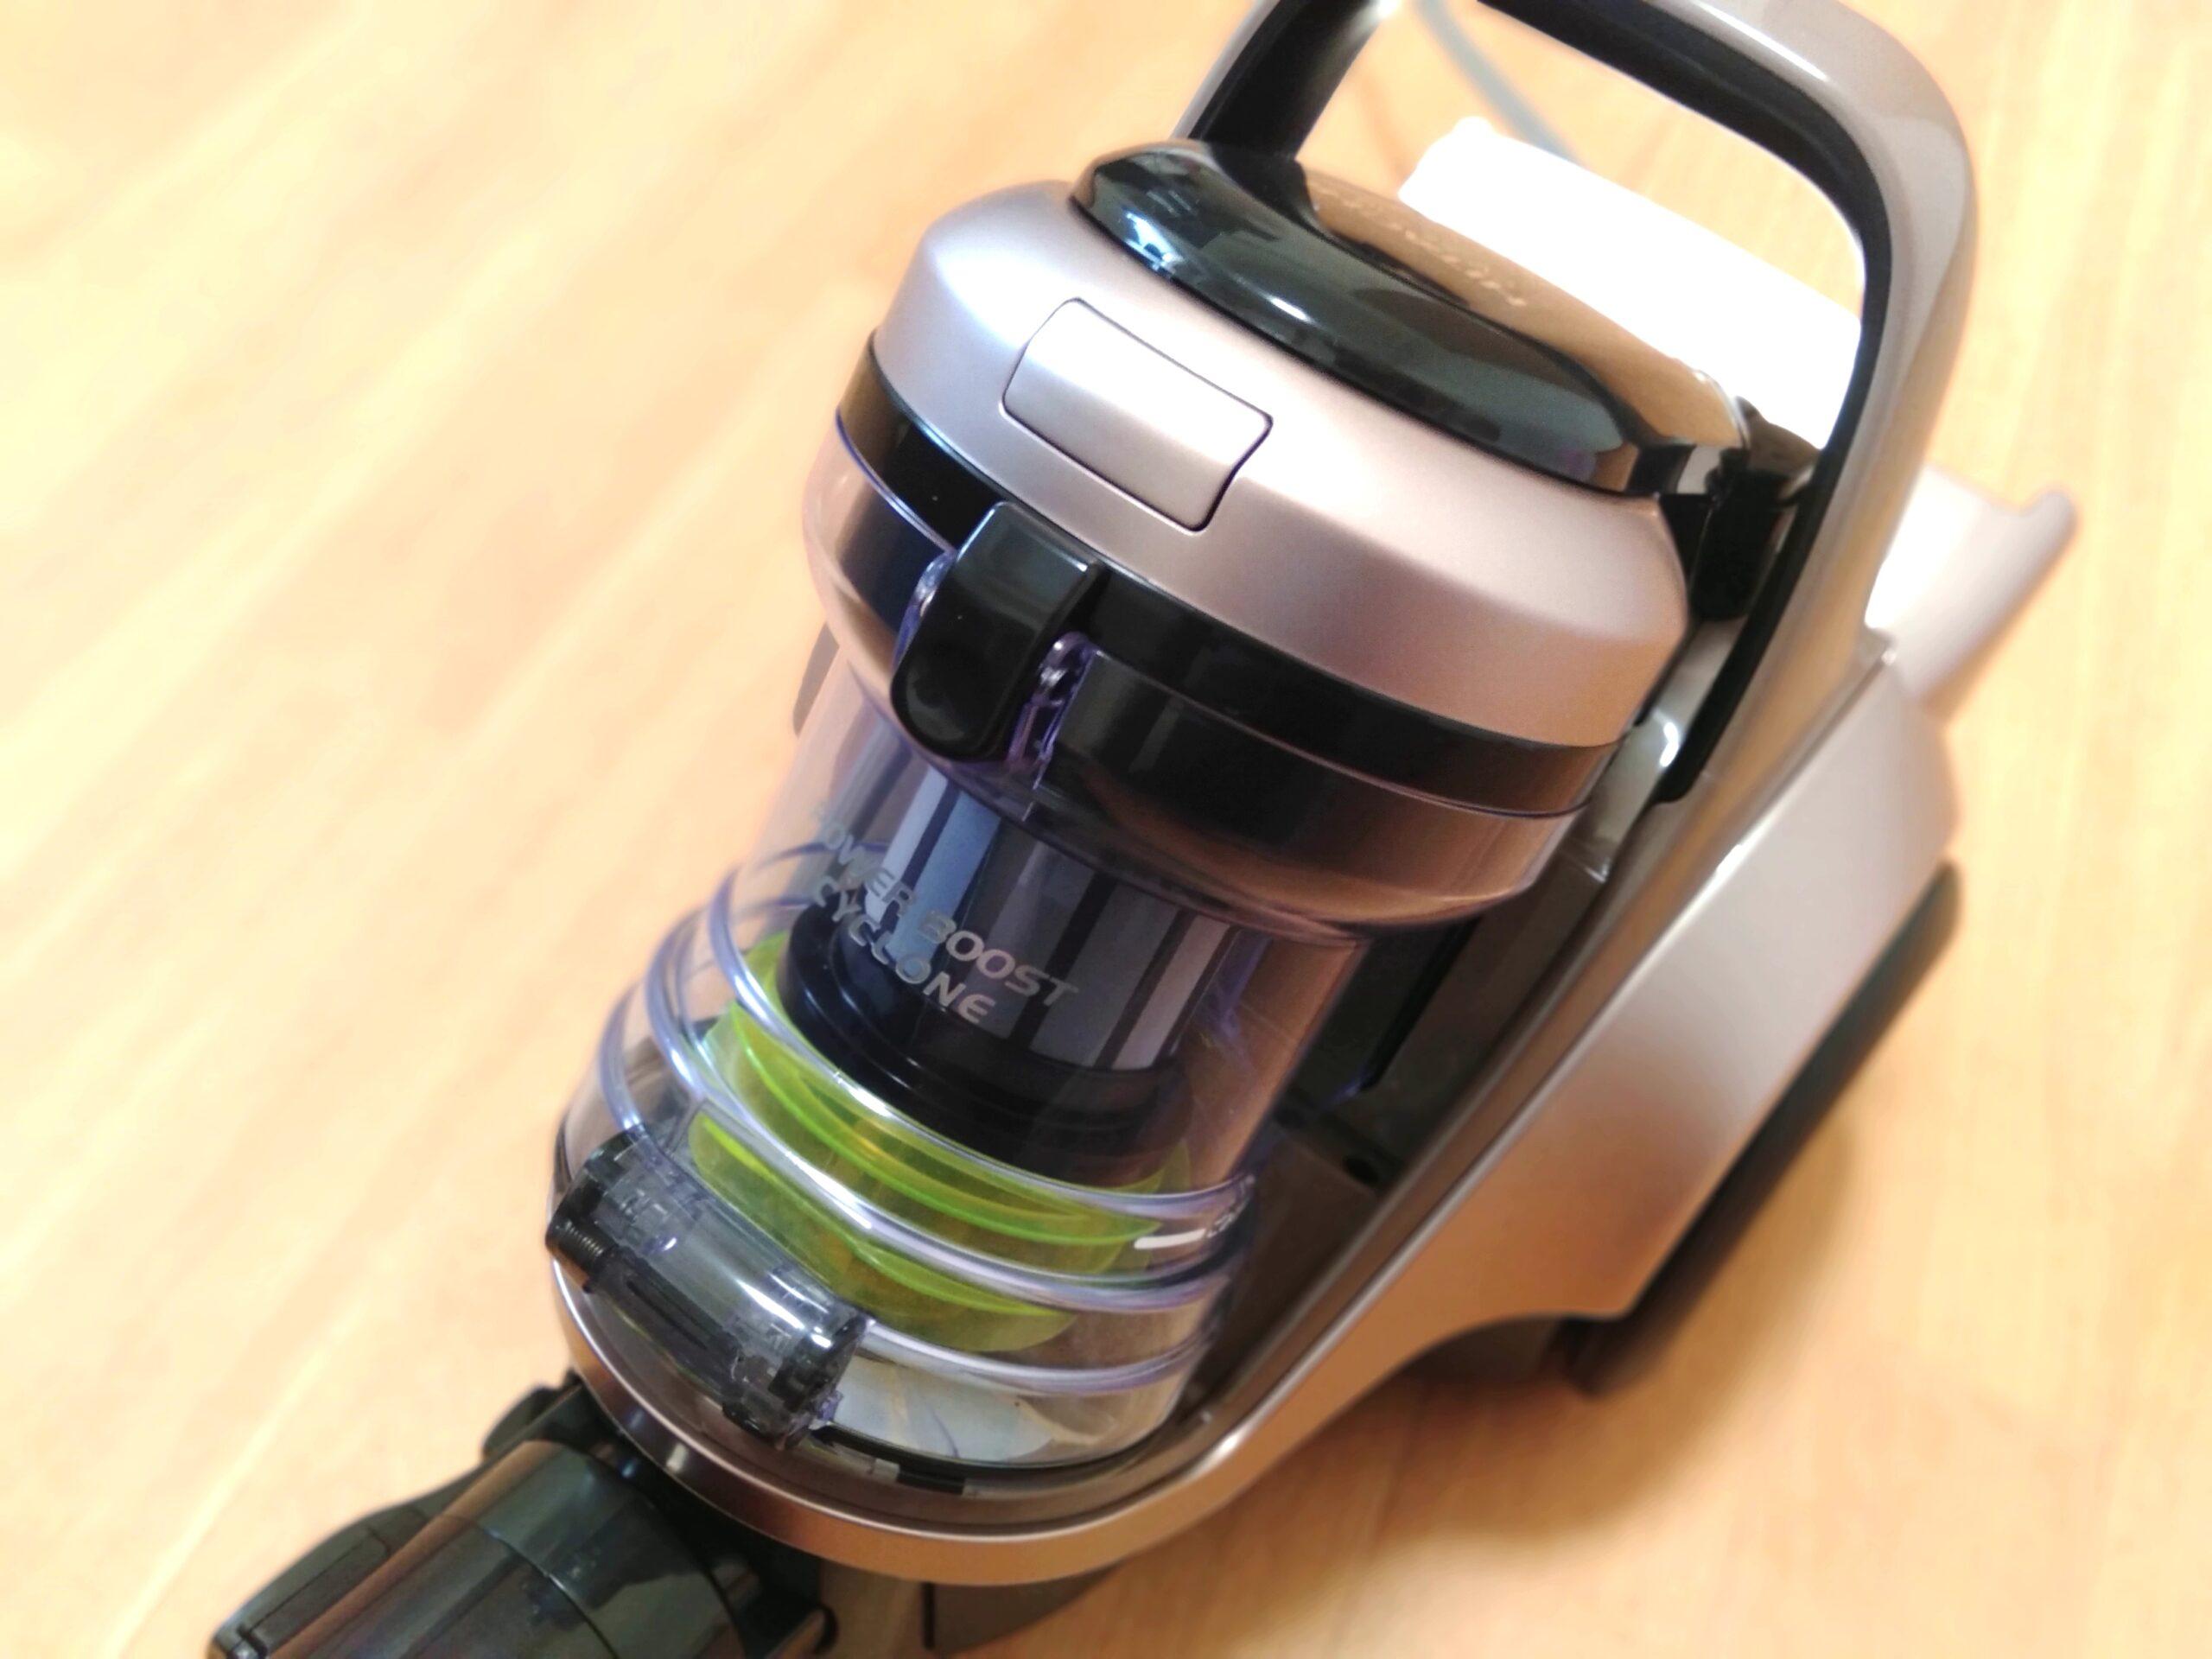 【レビュー】日立 掃除機 パワーブースト サイクロン式 CV-SF300